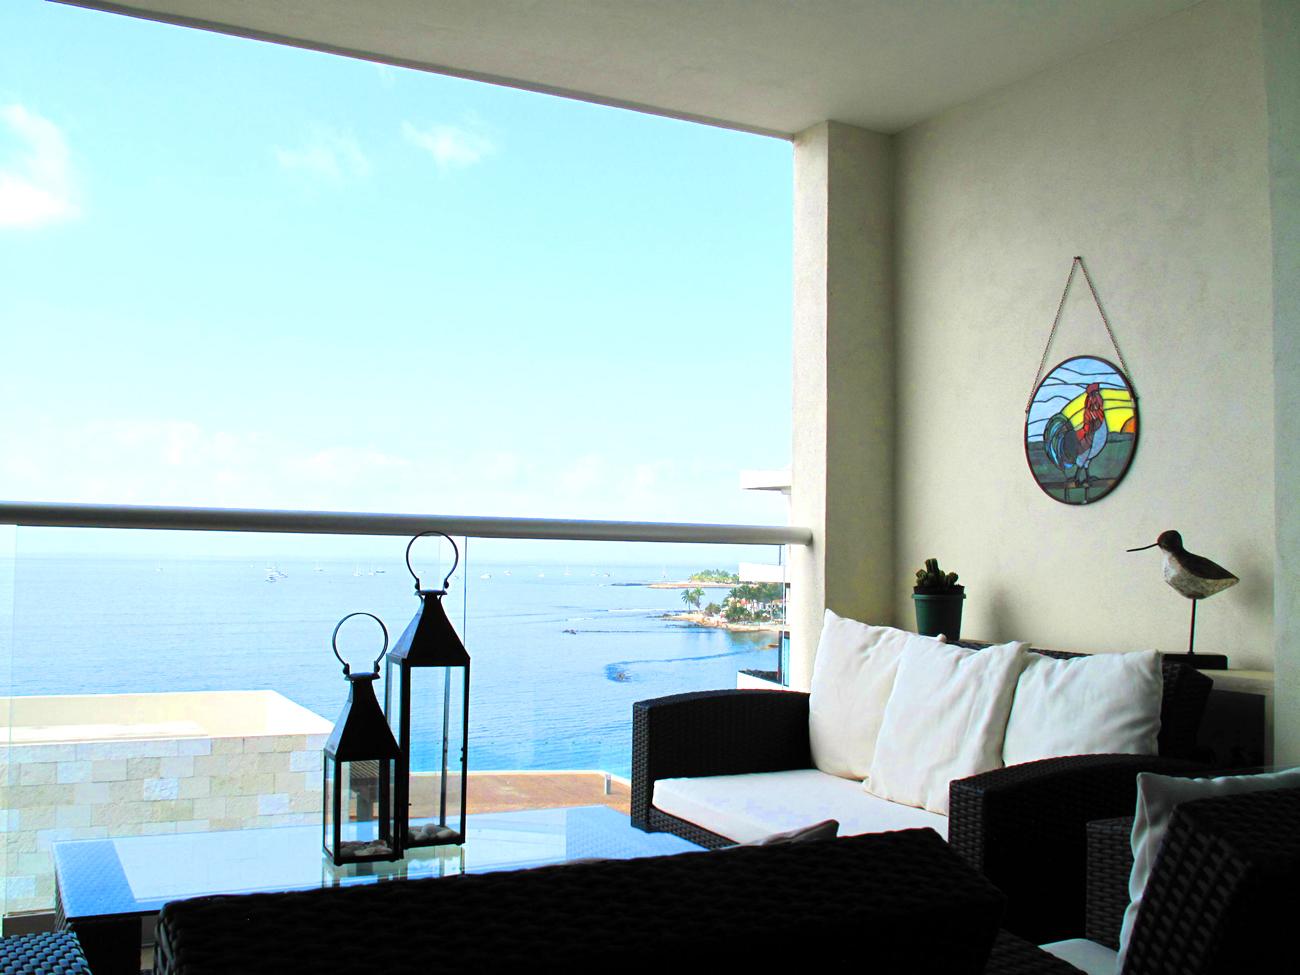 Bucerias-Cruz-Huanacaxtle-Condo-Barlovento-302-for-sale-Balcon-vista-al-mar